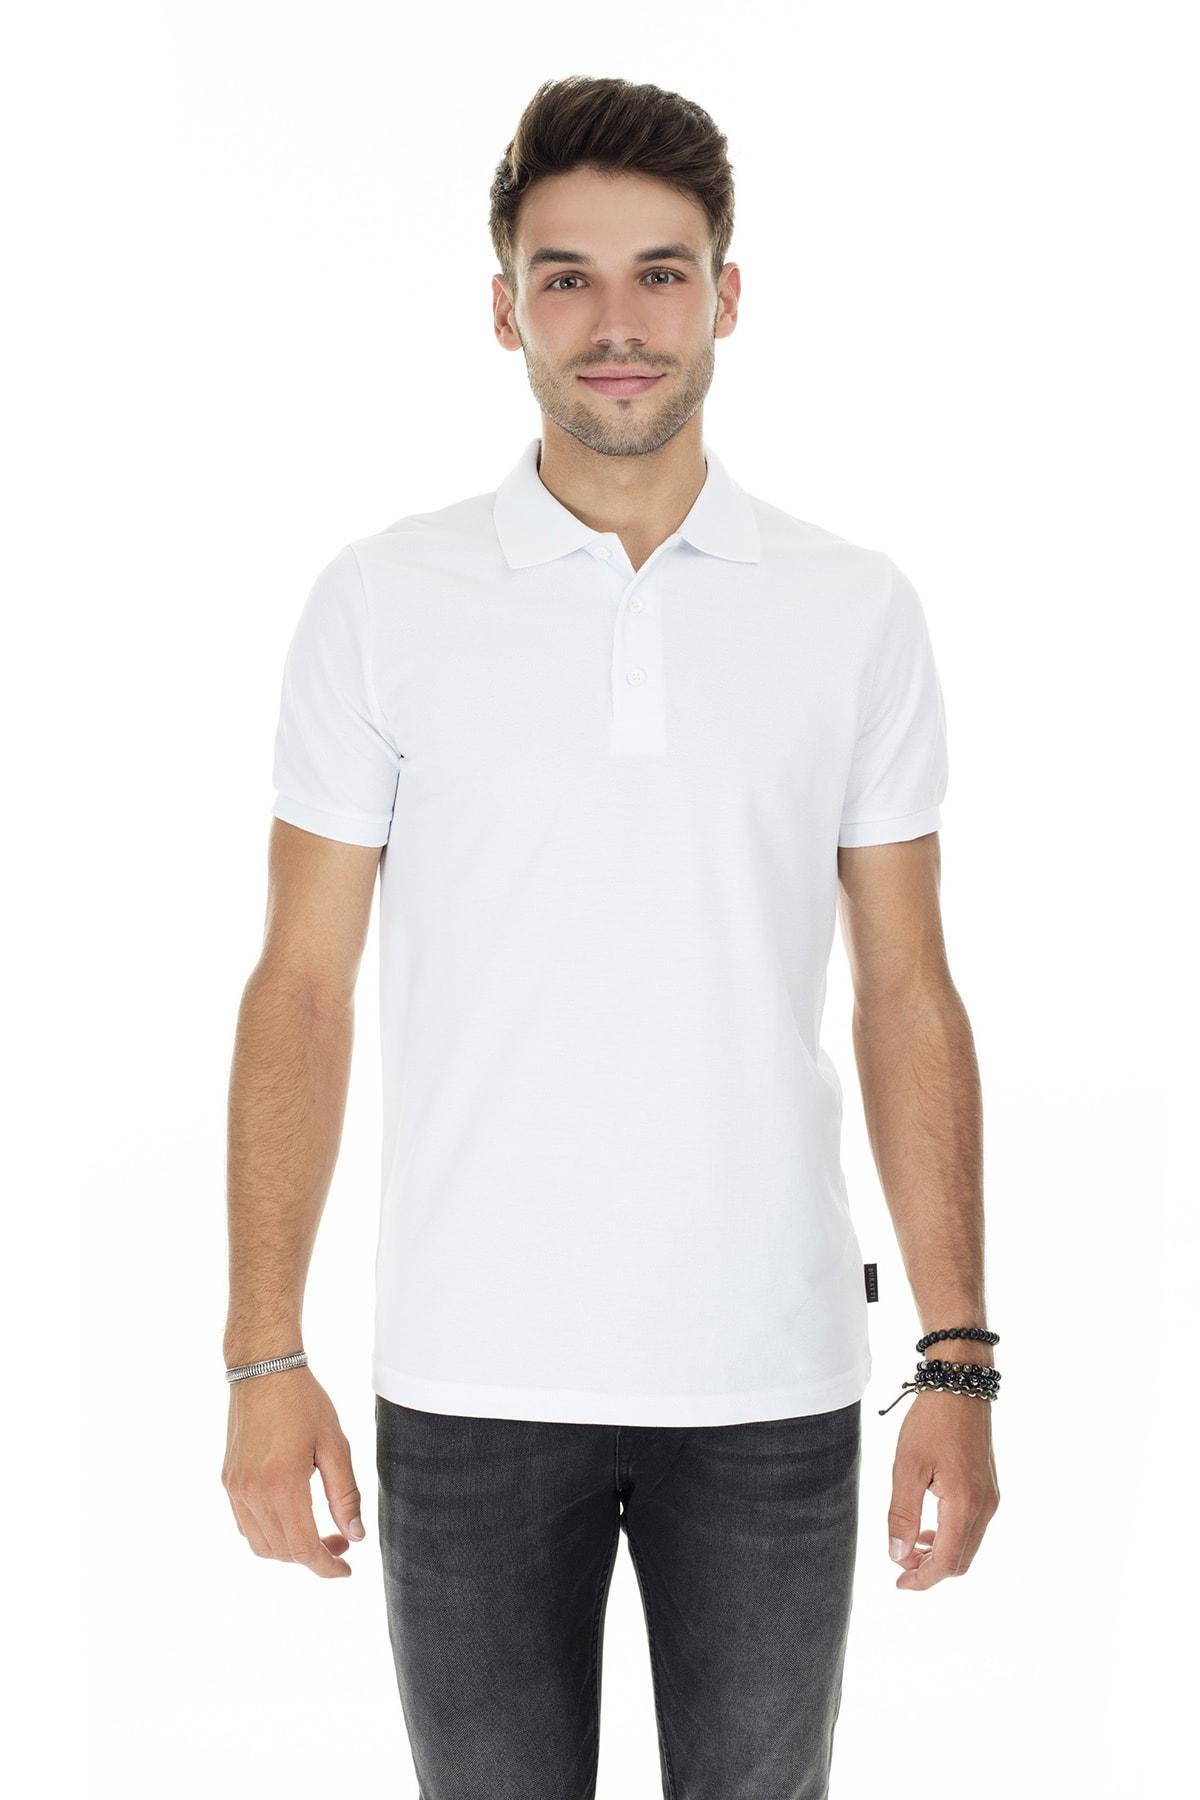 Buratti Erkek Beyaz Düğmeli Polo Yaka Pamuklu Günlük T Shirt 4362050 2